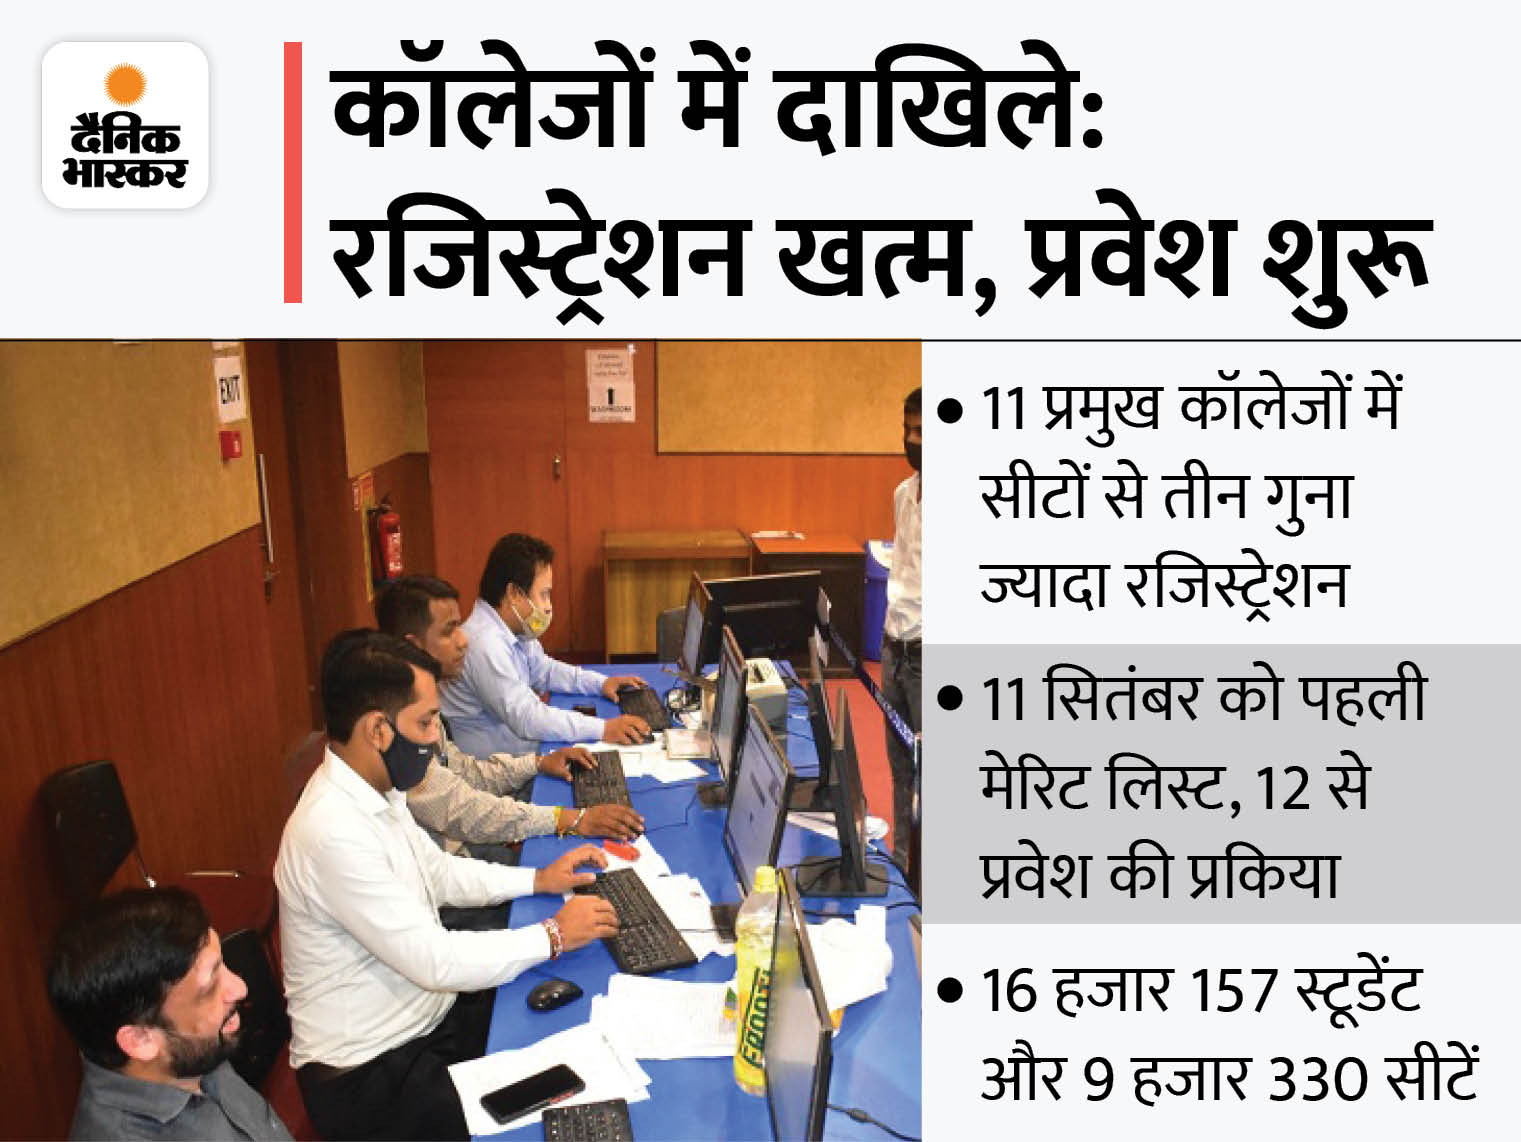 पानीपत के 11 प्रमुख PG कॉलेजों में दाखिले के लिए सीटों से तीन गुना ज्यादा आवेदन, 11 सितंबर को लगेगी पहली मेरिट लिस्ट पानीपत,Panipat - Dainik Bhaskar